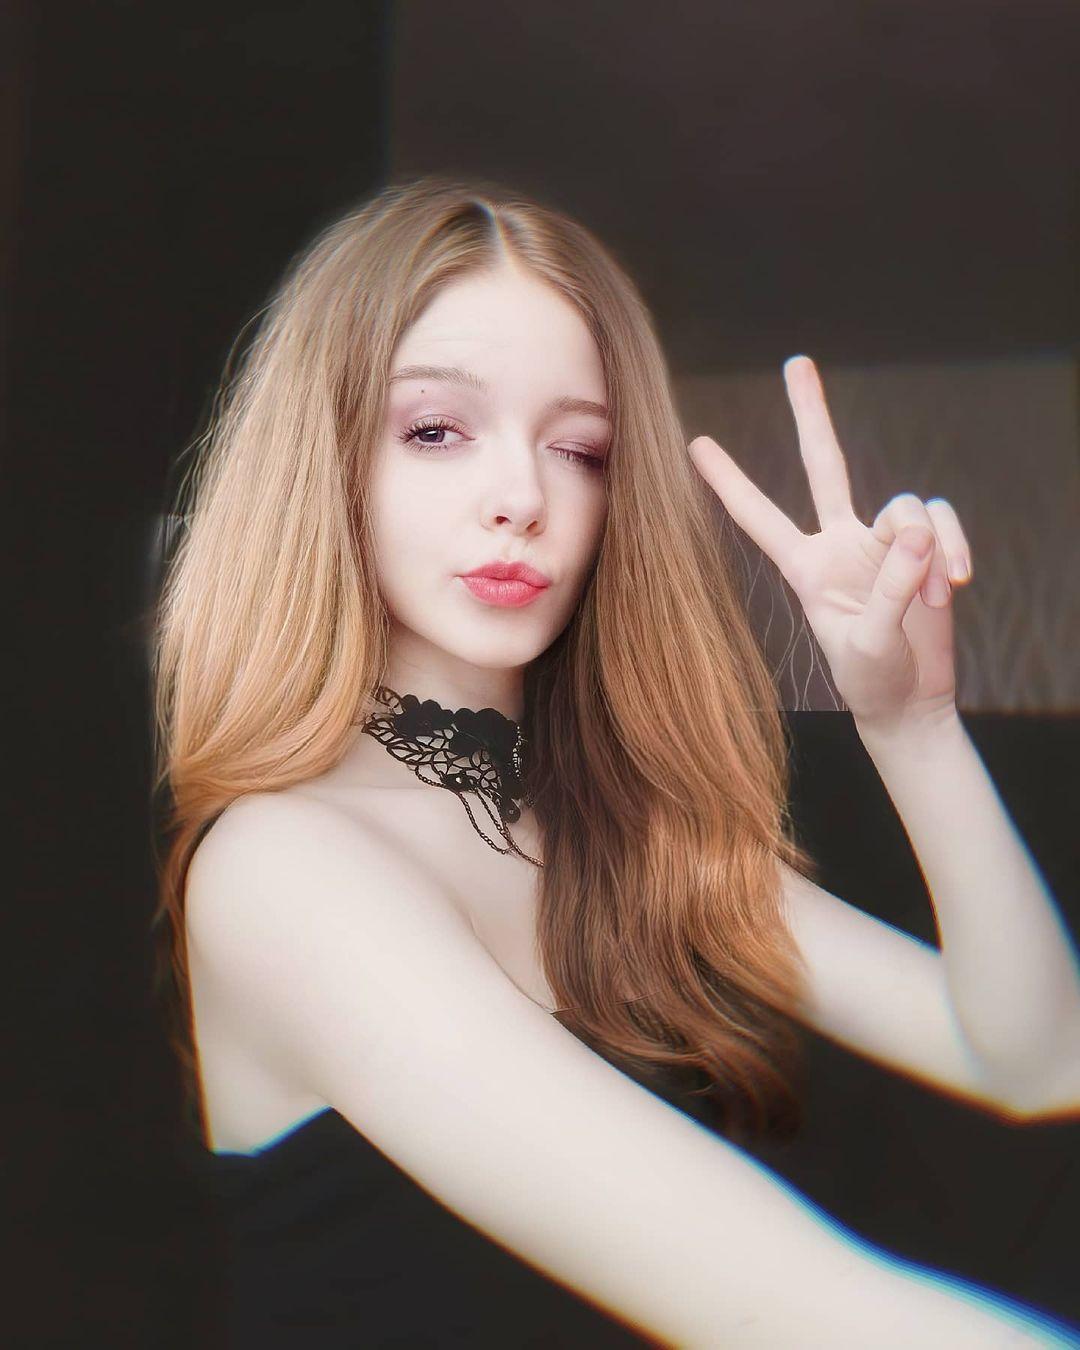 俄罗斯美女Lidia仿若童话世界精灵 纤纤曼妙身姿